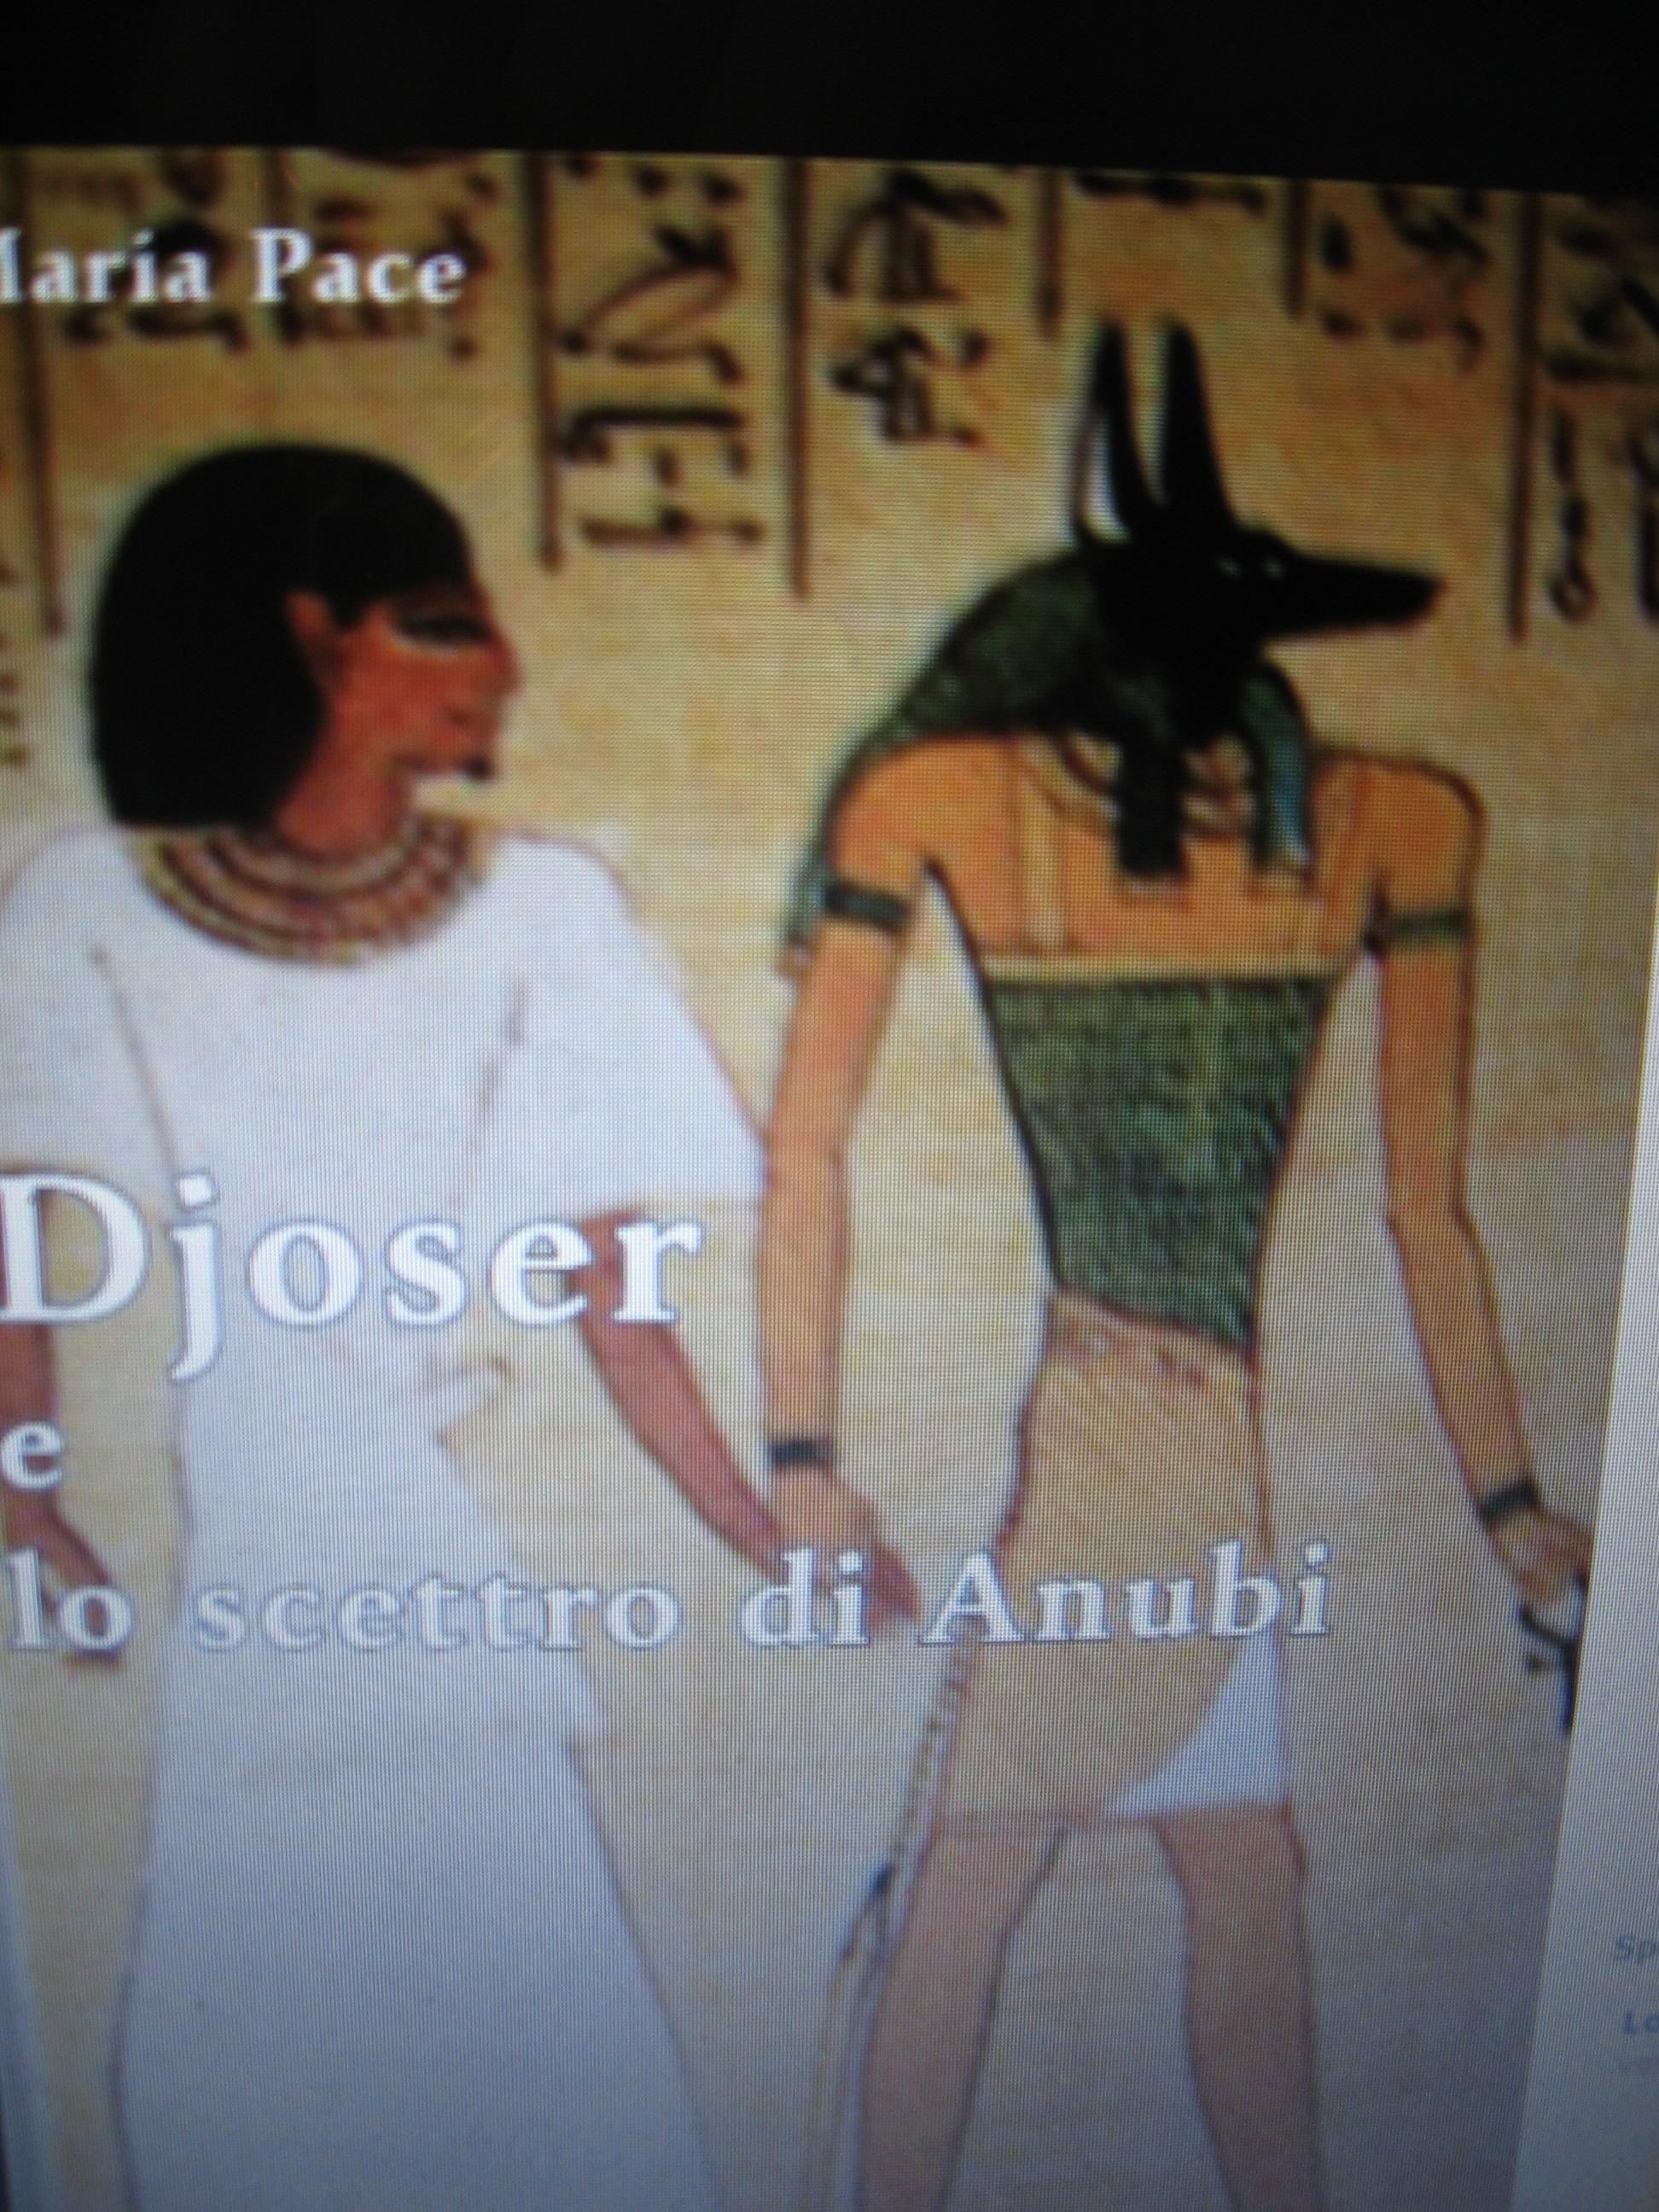 Copertina libro DJOSER e lo Scettro di Anubi di Maria Pace ESCAPE='HTML'